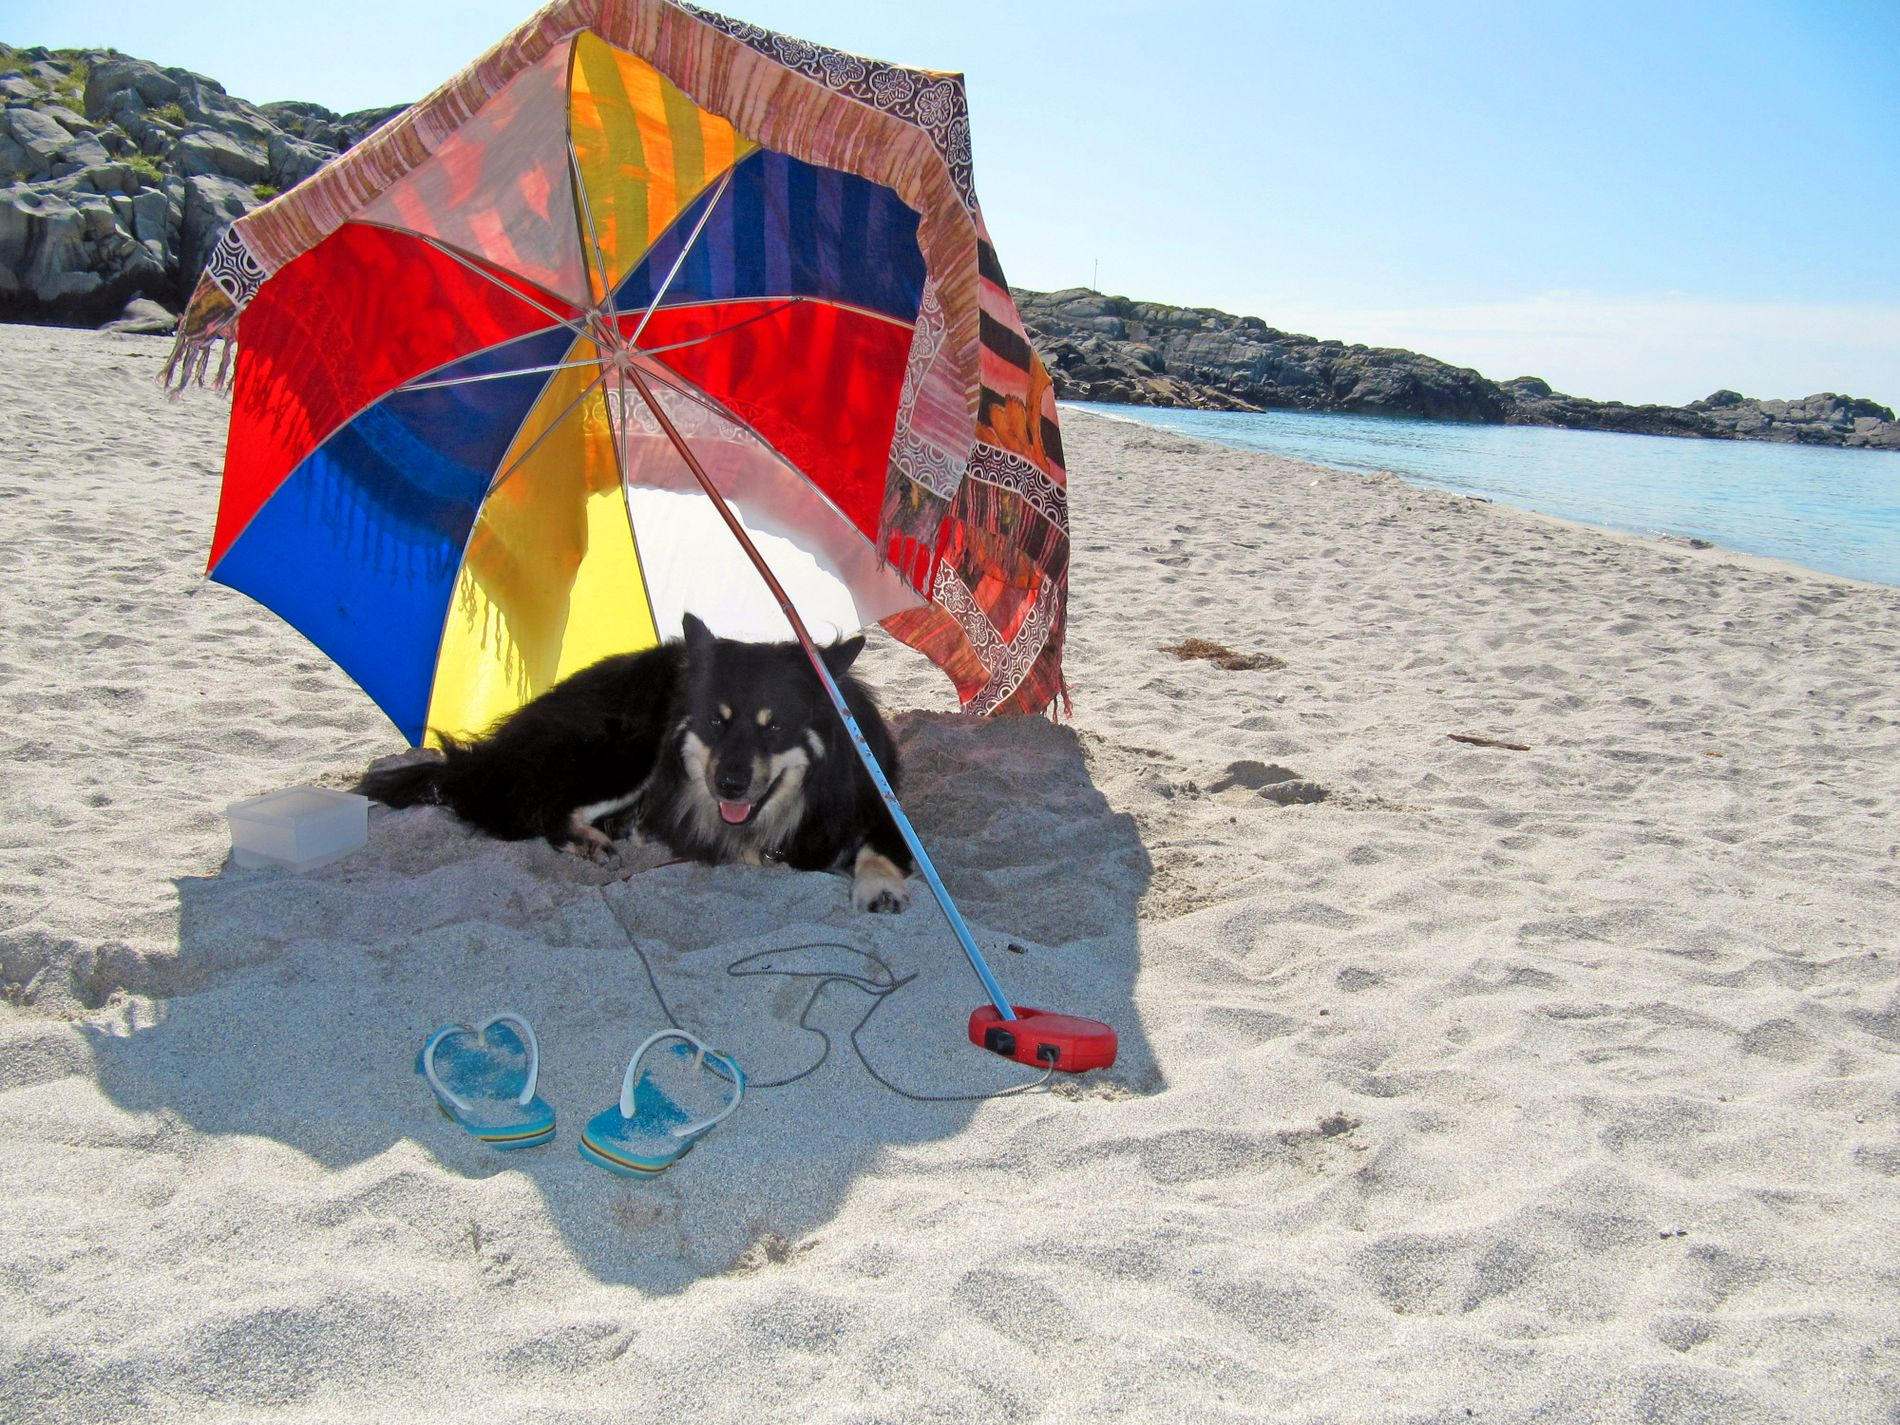 PASS PÅ: Dyr trenger skygge, væske og ekstra oppmerksomhet når det er mye sol.